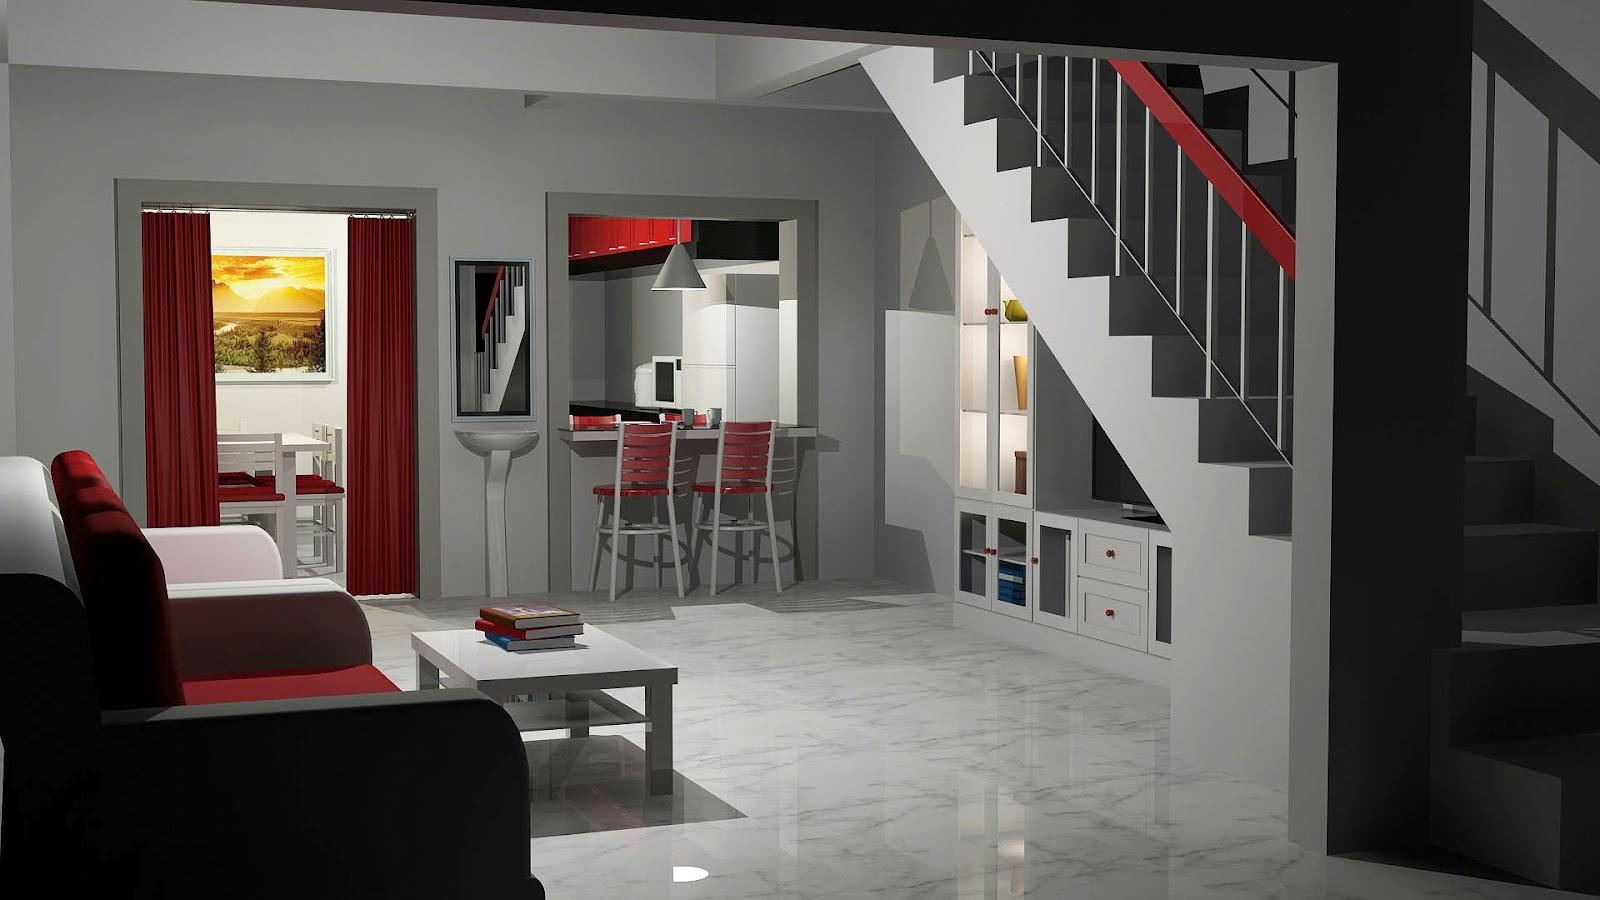 Ini Sekiranya Bilik Di Bahagian Dapur Tidak Disentuh A Tambah Kabinet Bawah Tangga Ruang Kelihatan Menarik Dan Cantik